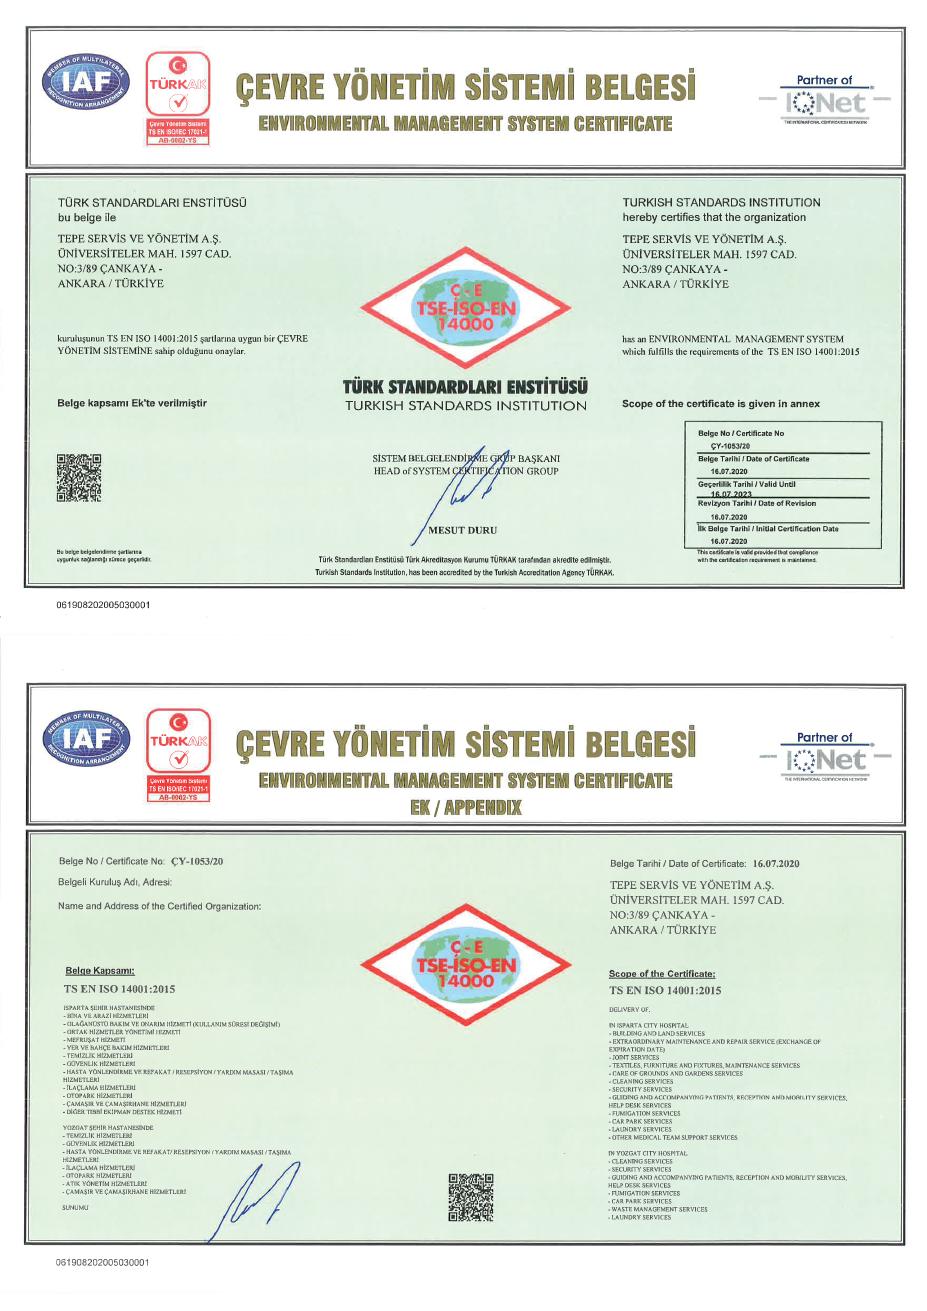 Yozgat Şehir Hastanesi PPP Projesi ISO 14001